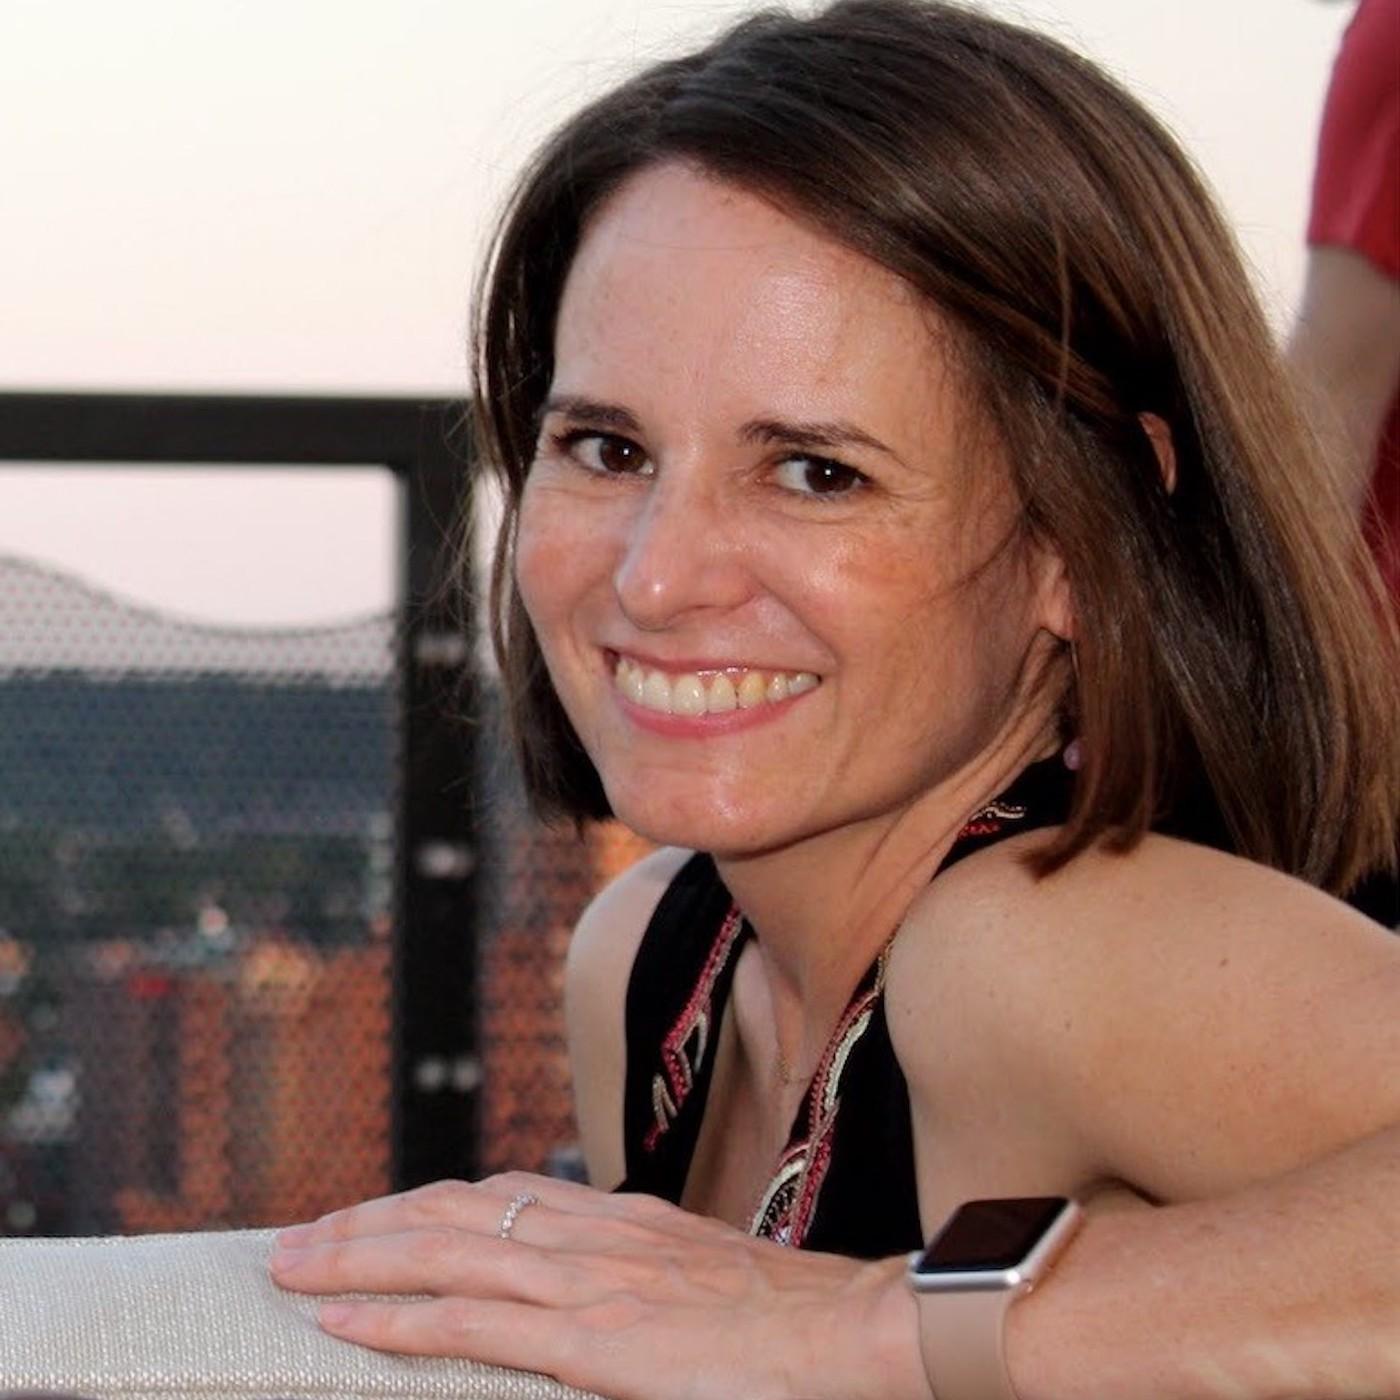 Marina Bischoff